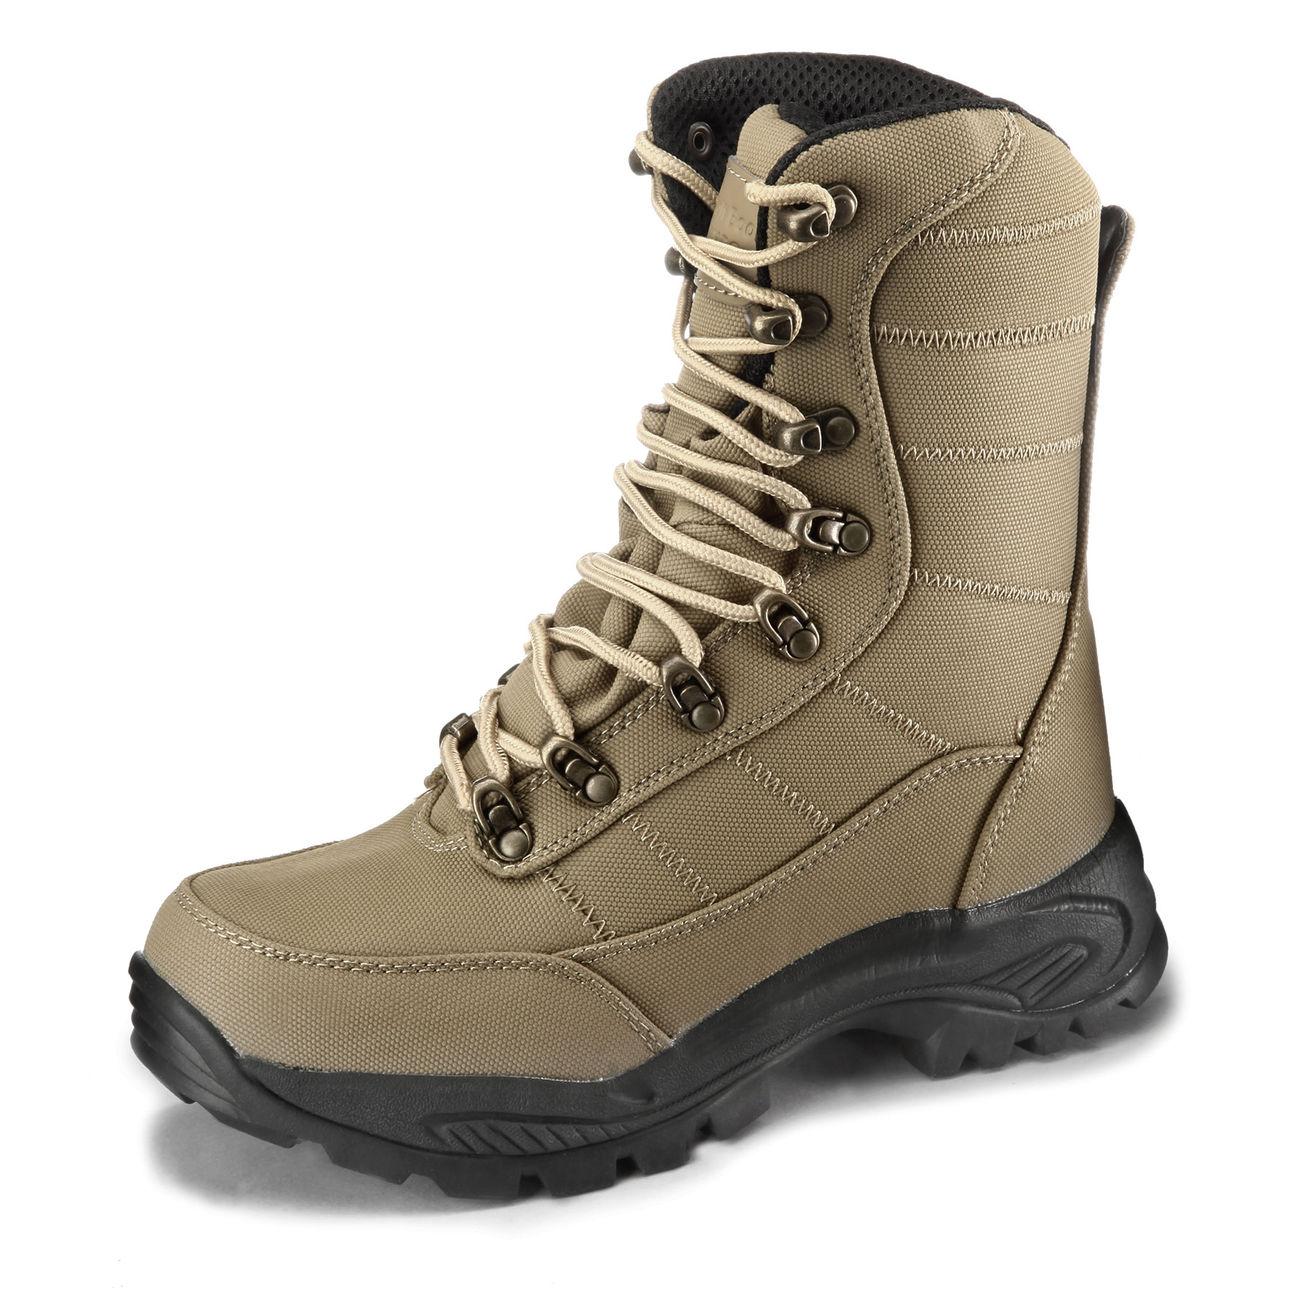 MMB Stiefel Assault Boot coyote günstig kaufen Kotte & Zeller Zeller Zeller 0bc337